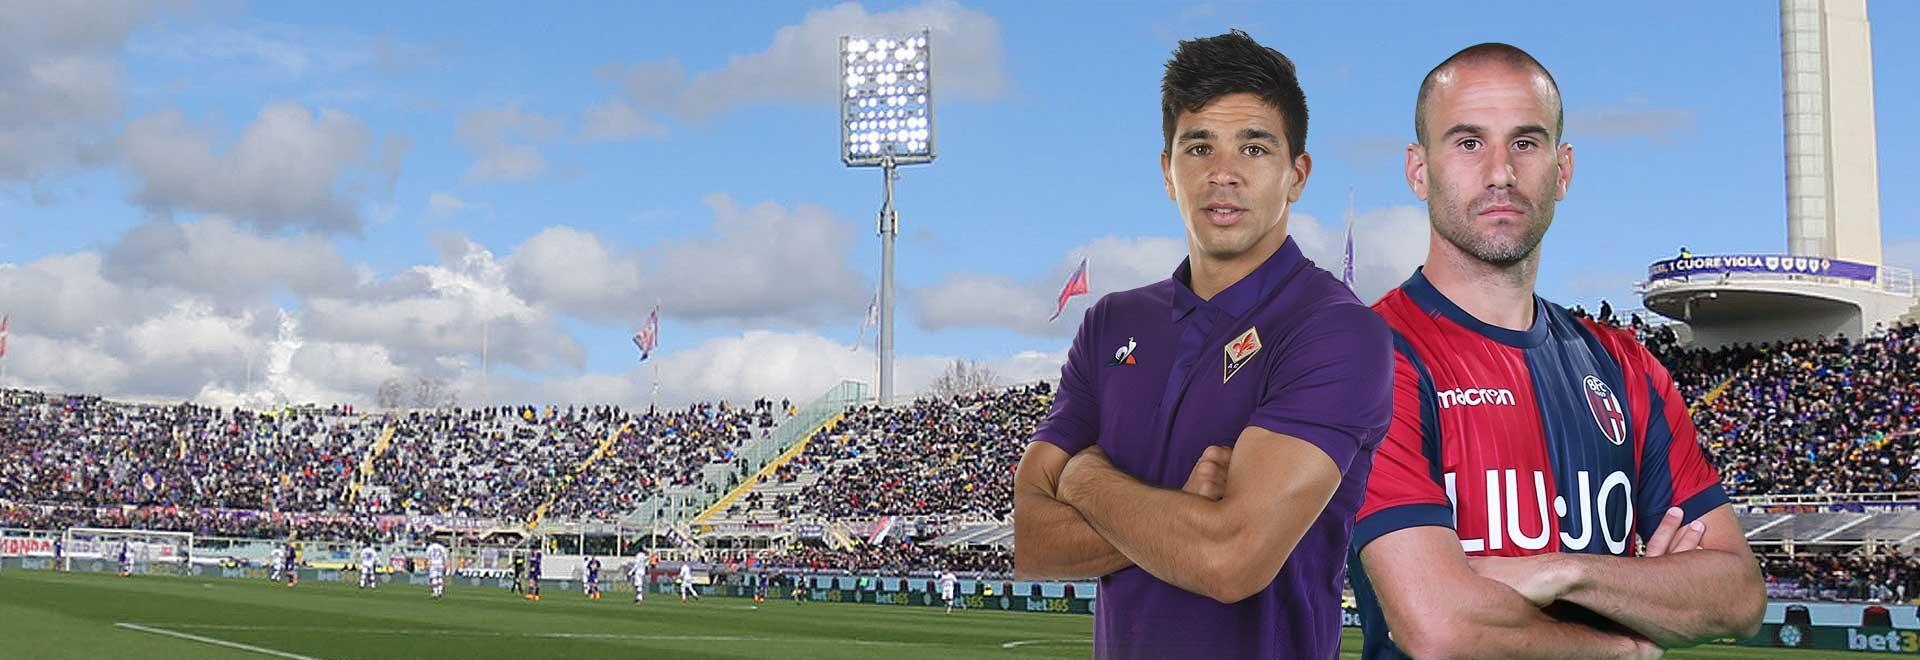 Fiorentina - Bologna. 32a g.